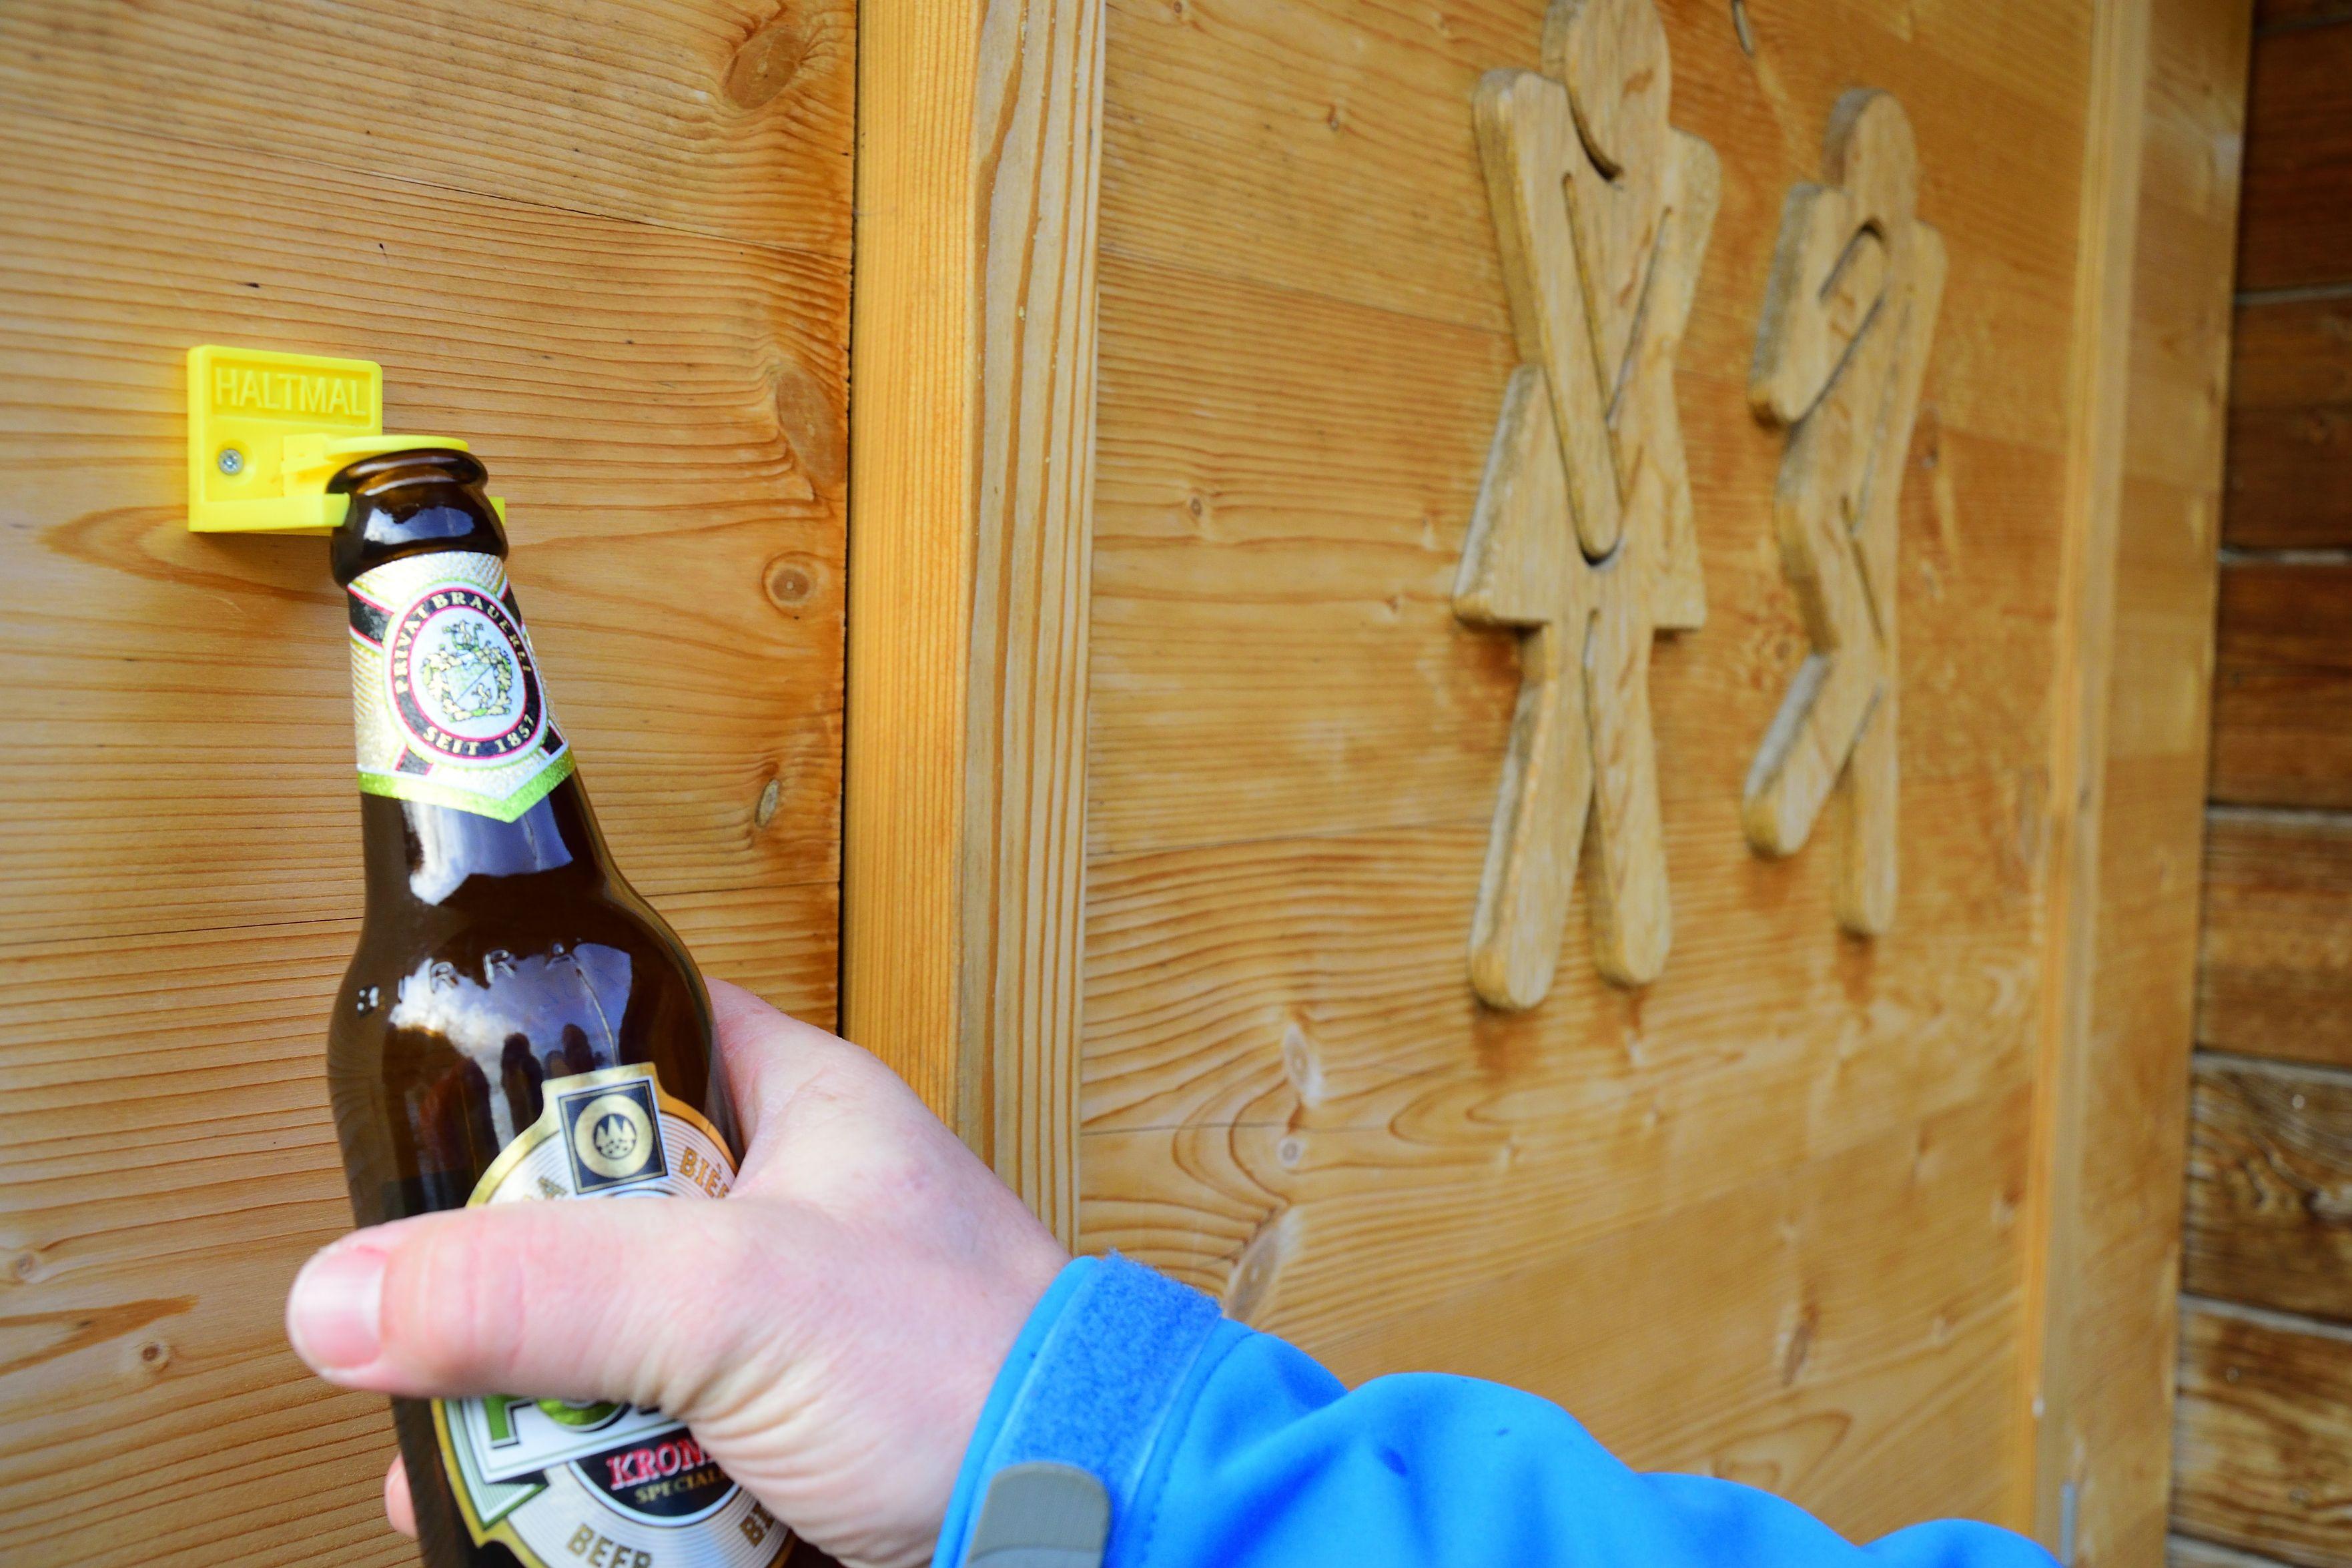 HALTMAL, der Bierflaschenhalter